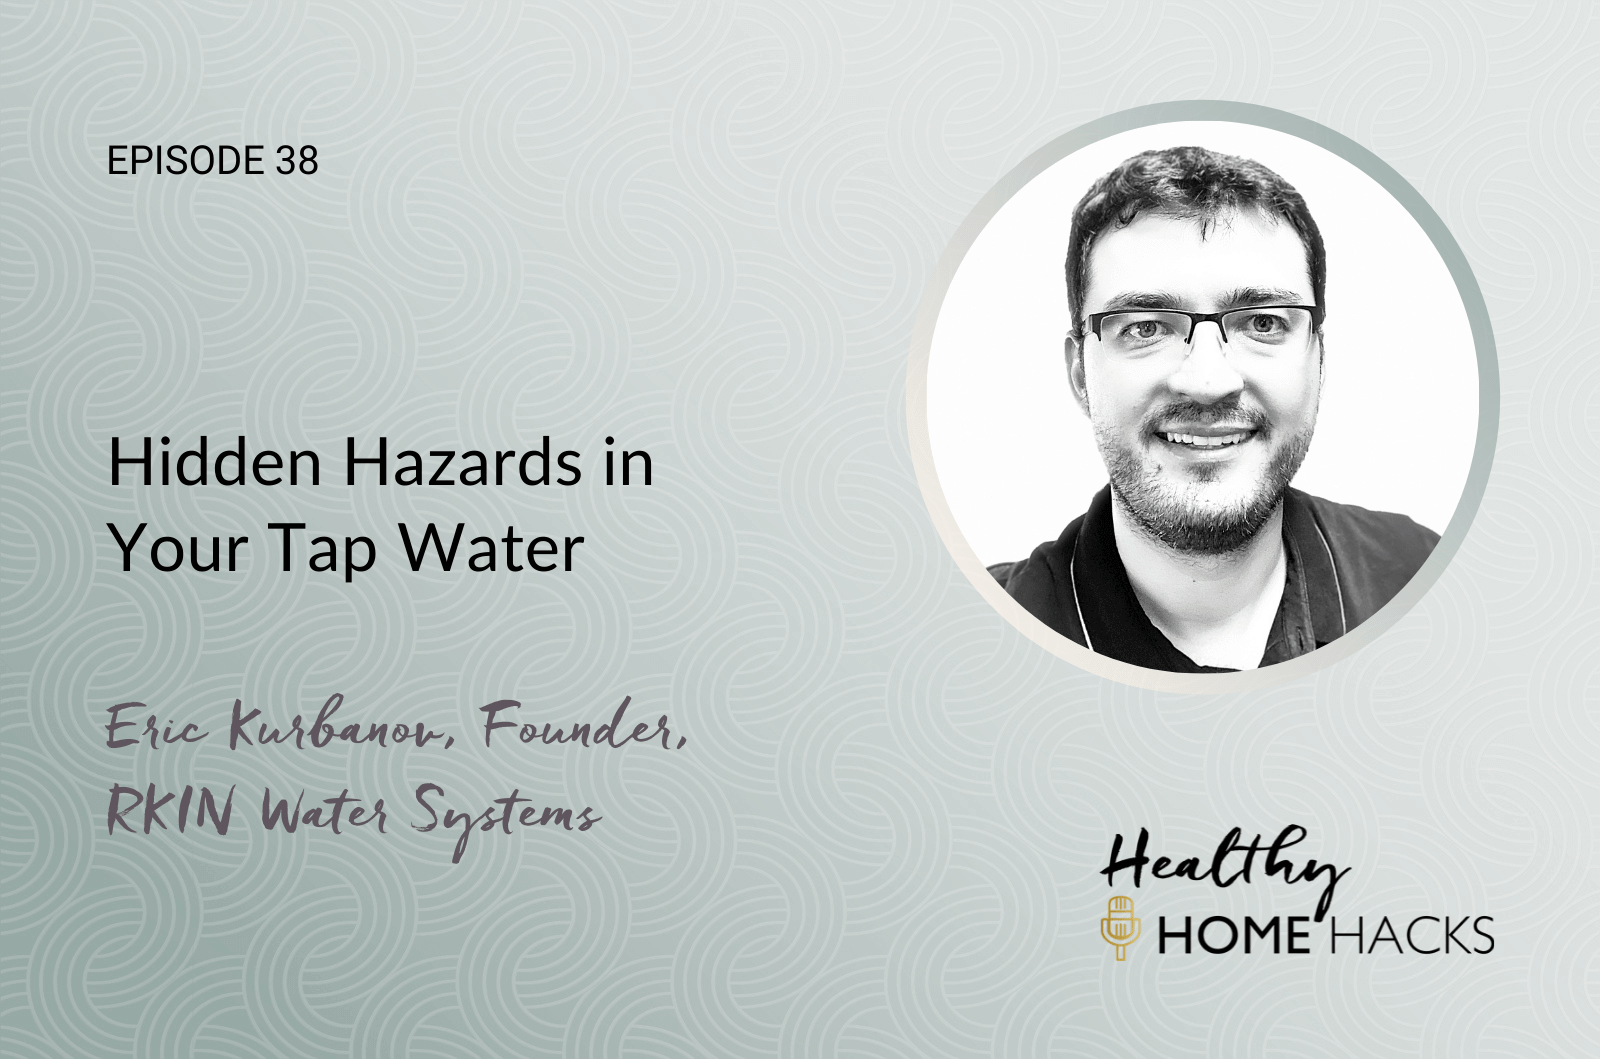 Hidden Hazards in Your Tap Water